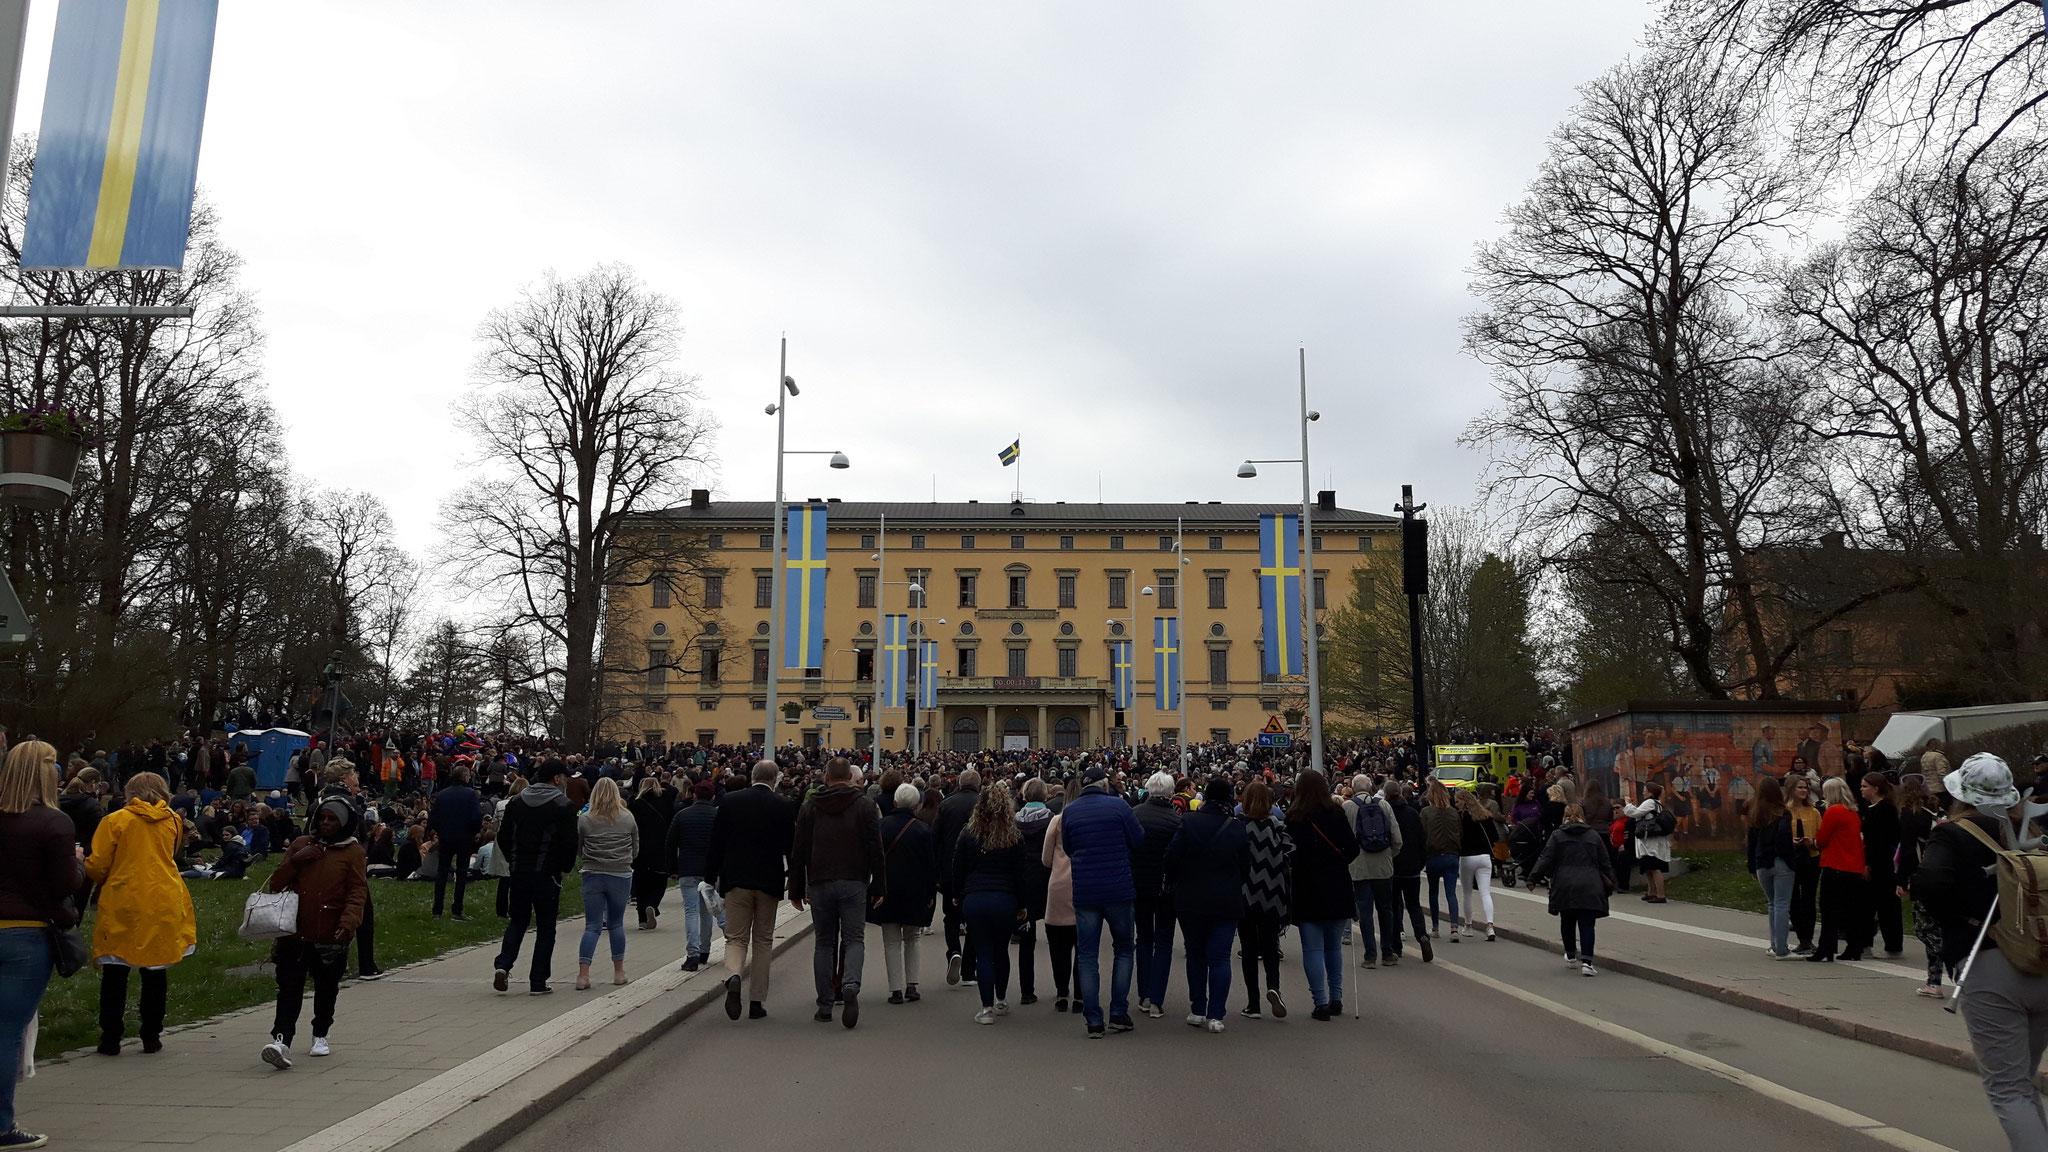 Valborg (Walpurgisnacht) in Uppsala